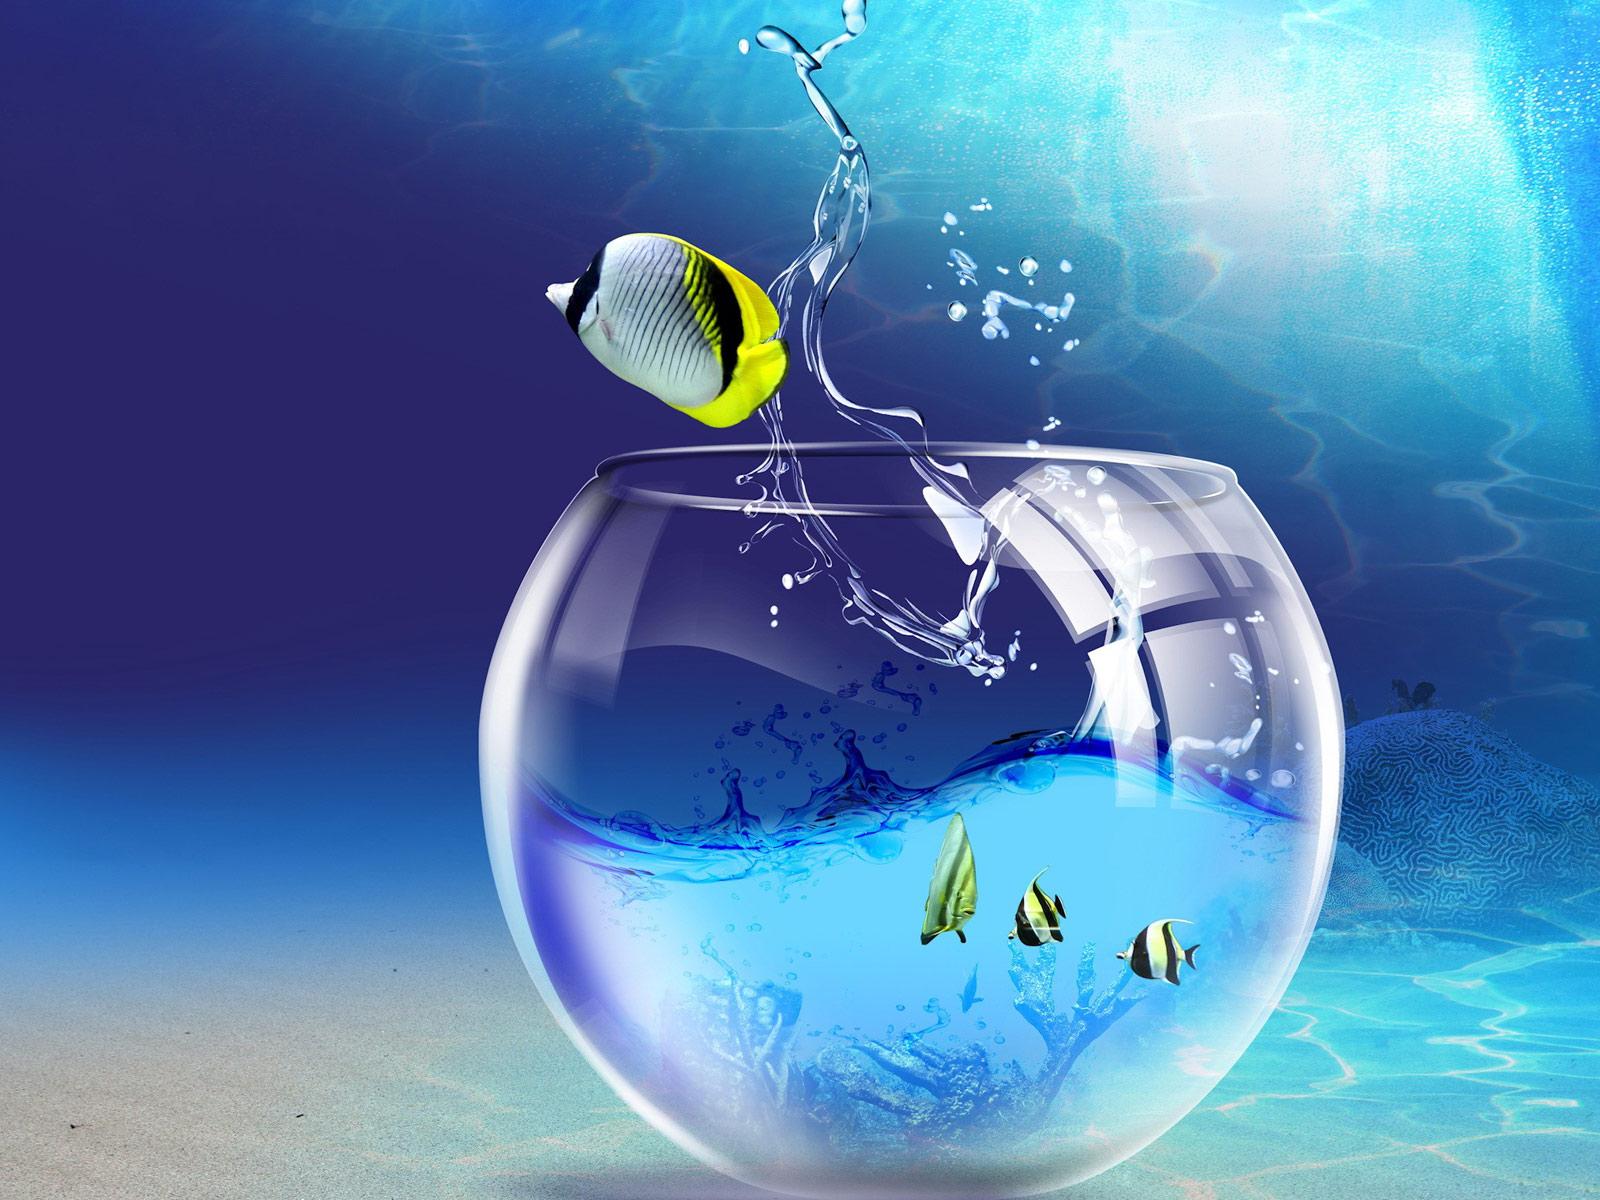 http://3.bp.blogspot.com/-3rXOjxmpv_s/T8t1EL_QZfI/AAAAAAAAEaw/lDi5rGWQ3ZE/s1600/3d-wallpaper-40.jpg